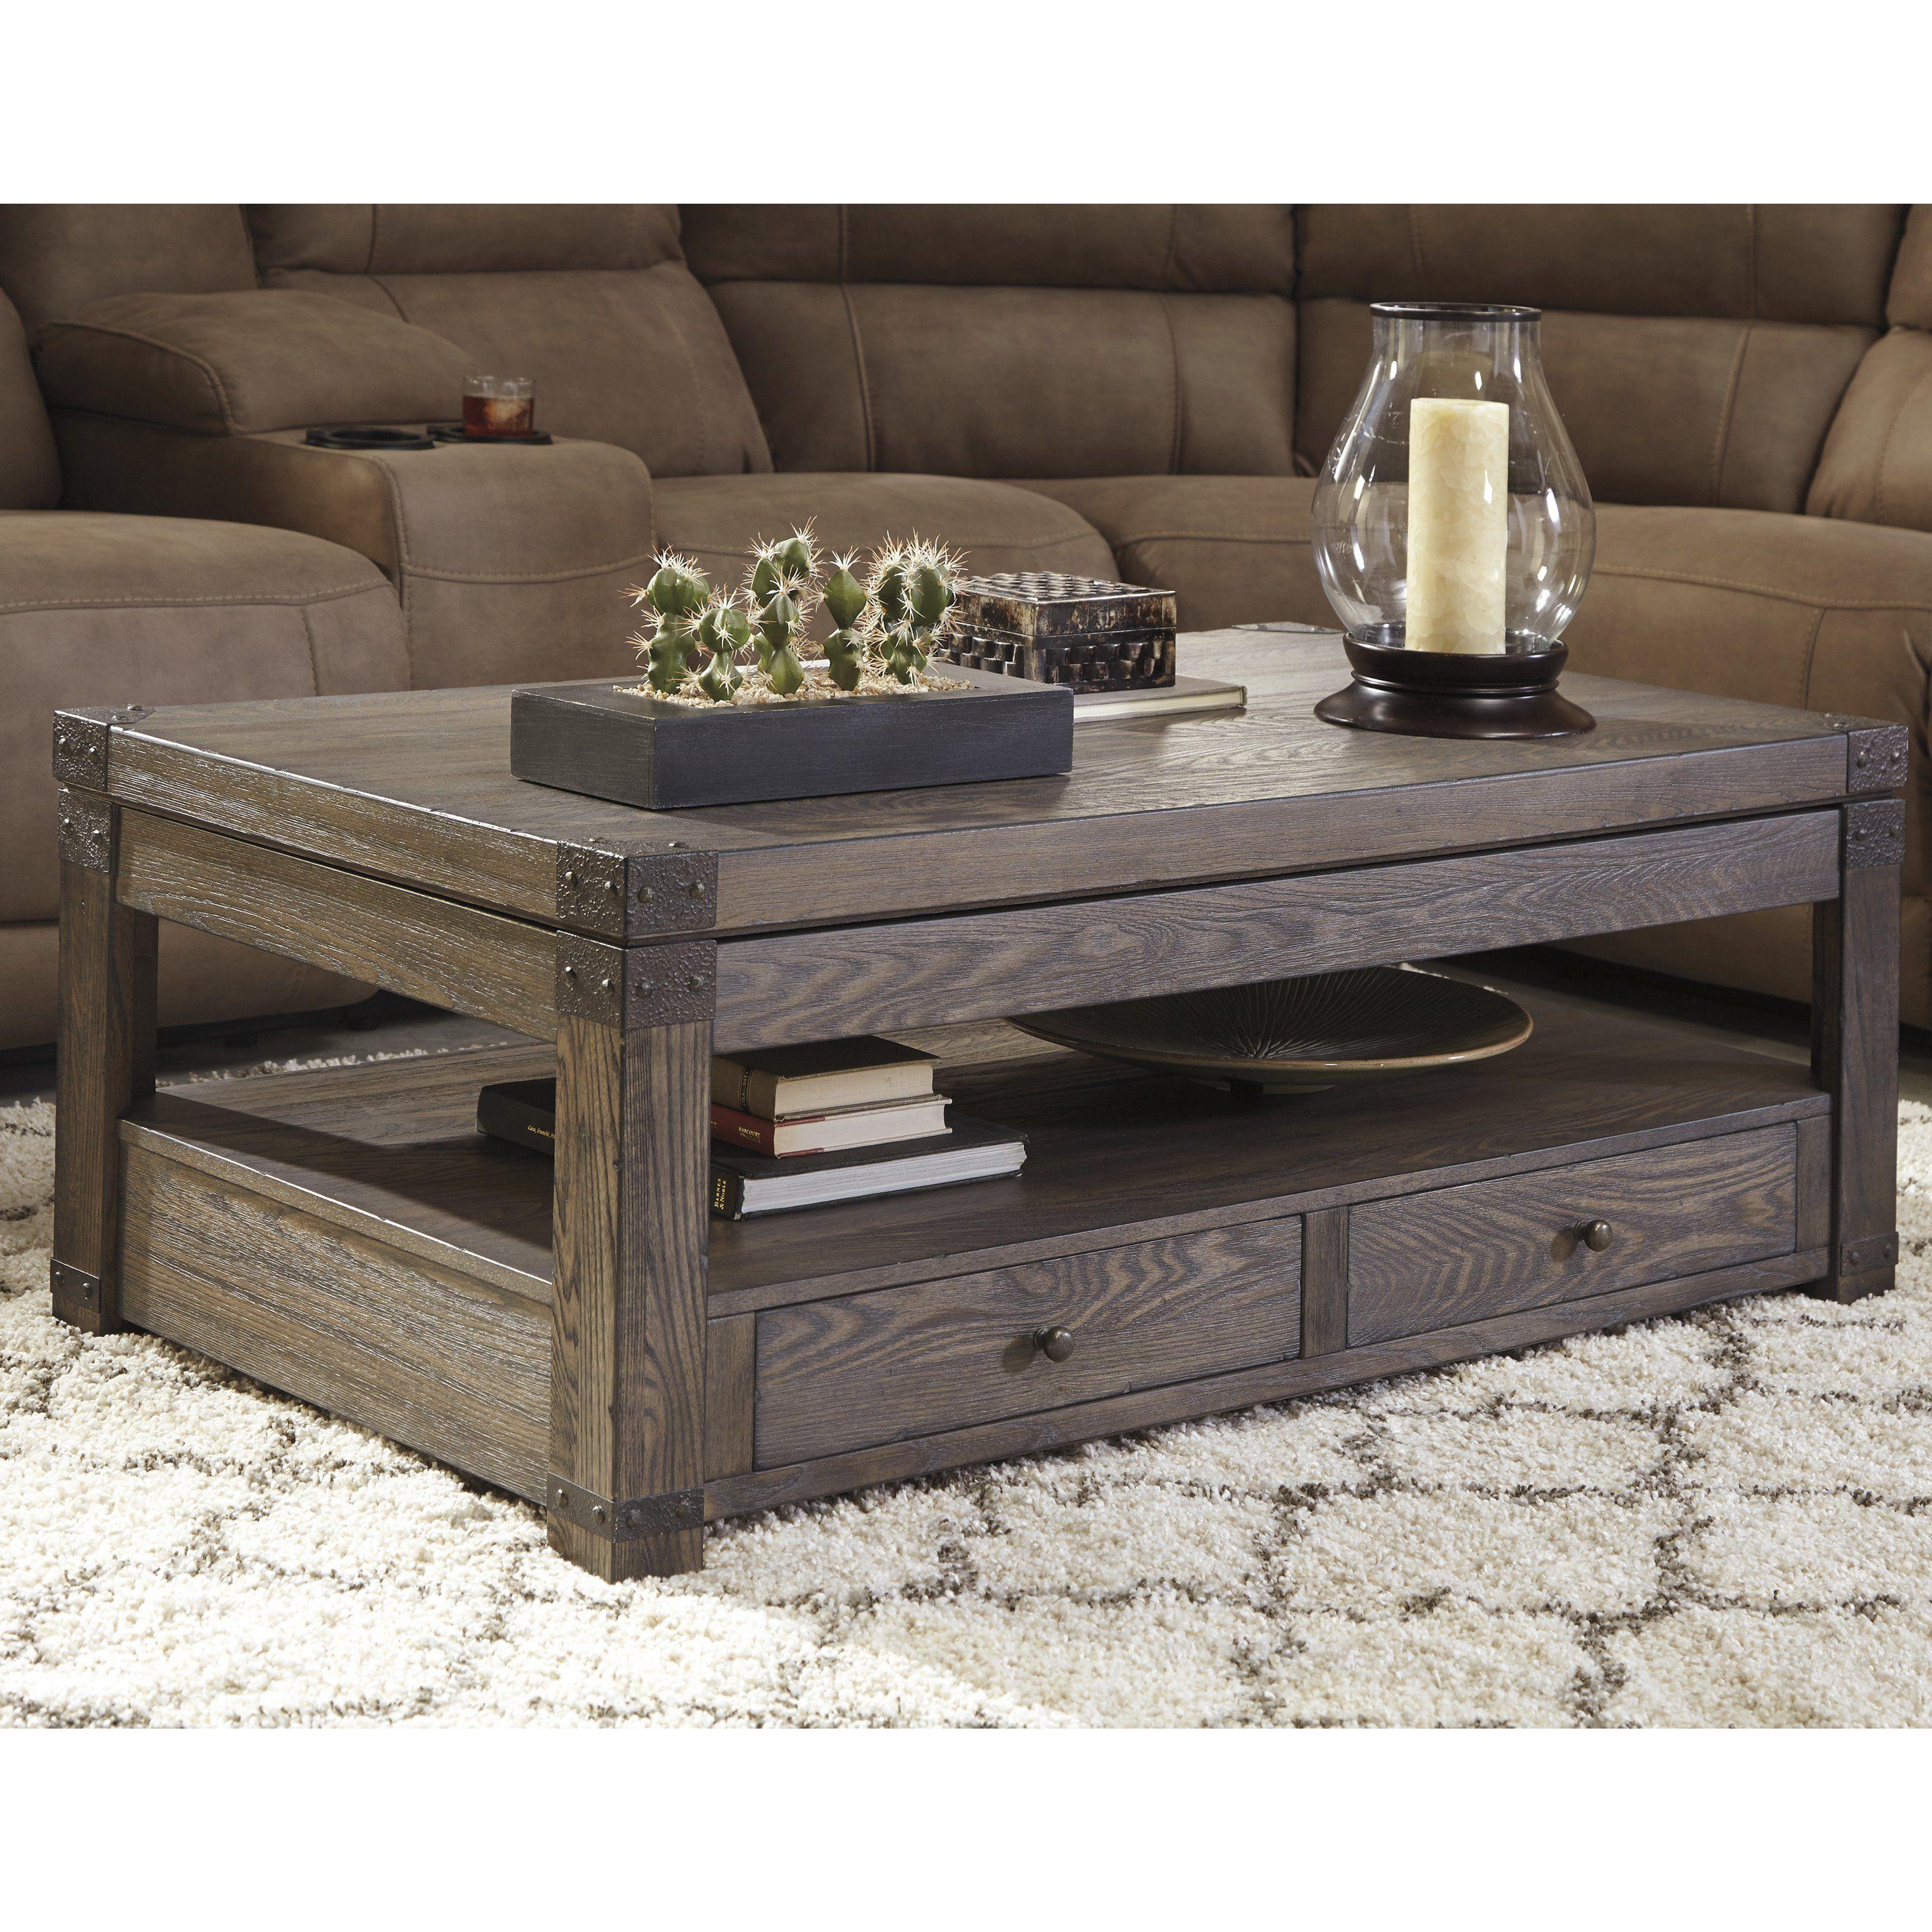 Loon Peak Reg Bryan Coffee Table With Lift Top Coffee Table Farmhouse Coffee Table Chic Coffee Table [ 3040 x 3040 Pixel ]